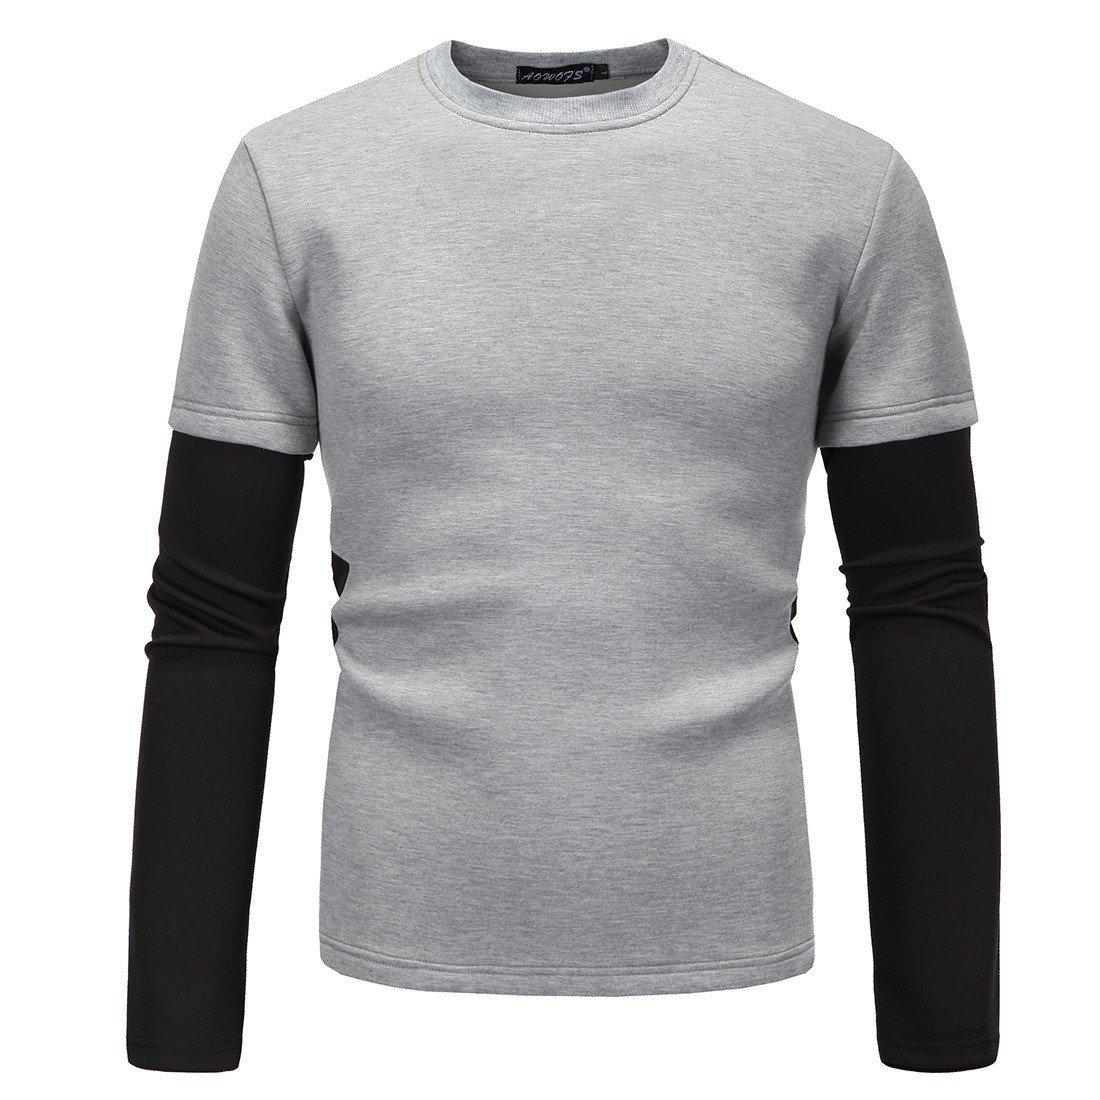 Ndsoo männer - Pullover Pullover Slim Kopf miantao Raum runde männer Winter Mode - Pulli,hellgrau,m